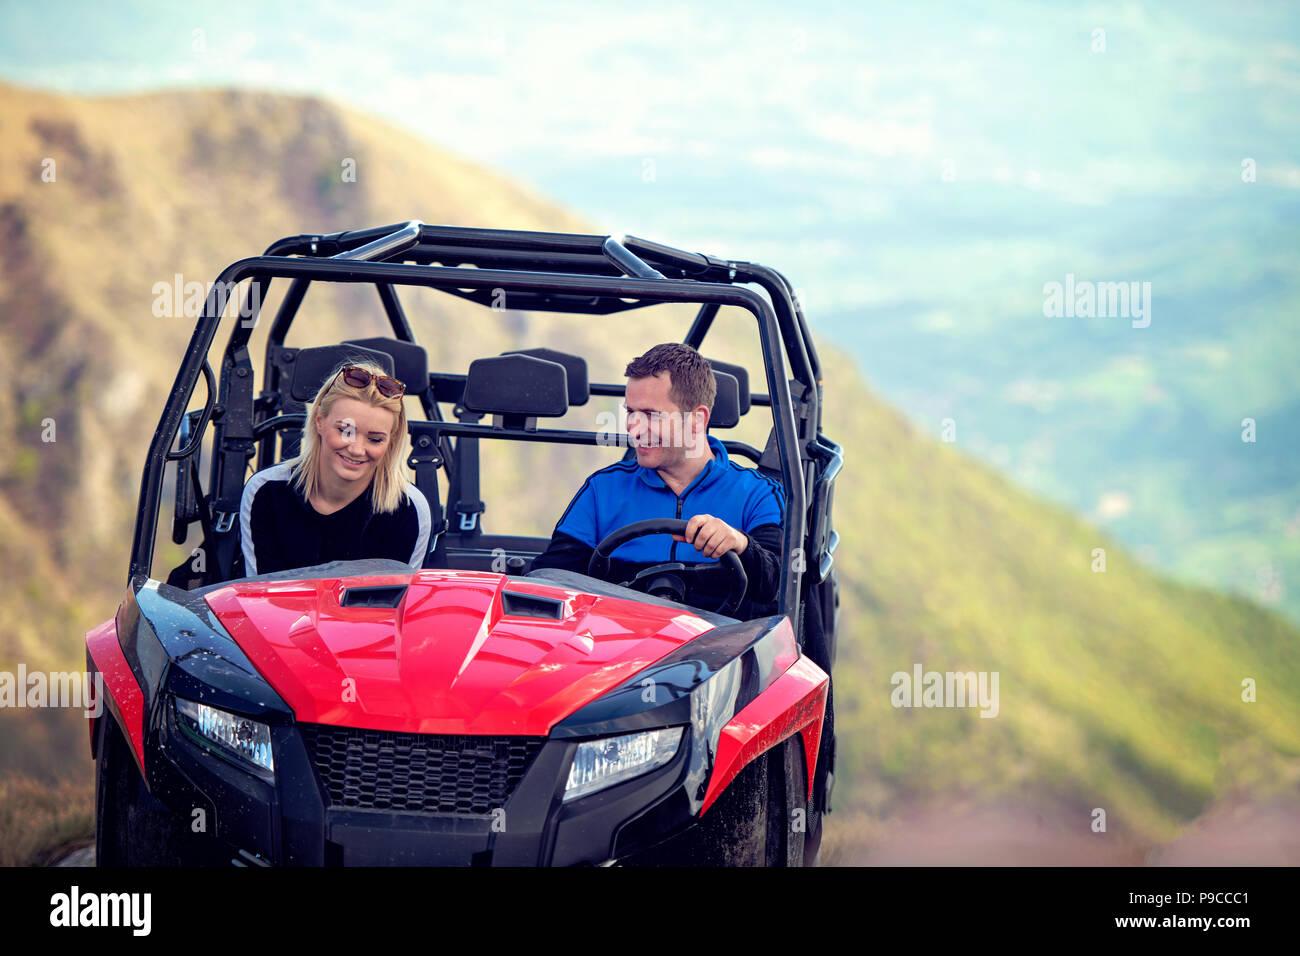 8dbad6b1f3 Freunde Fahren im Gelände mit dem Quad oder ATV und UTV Fahrzeuge ...